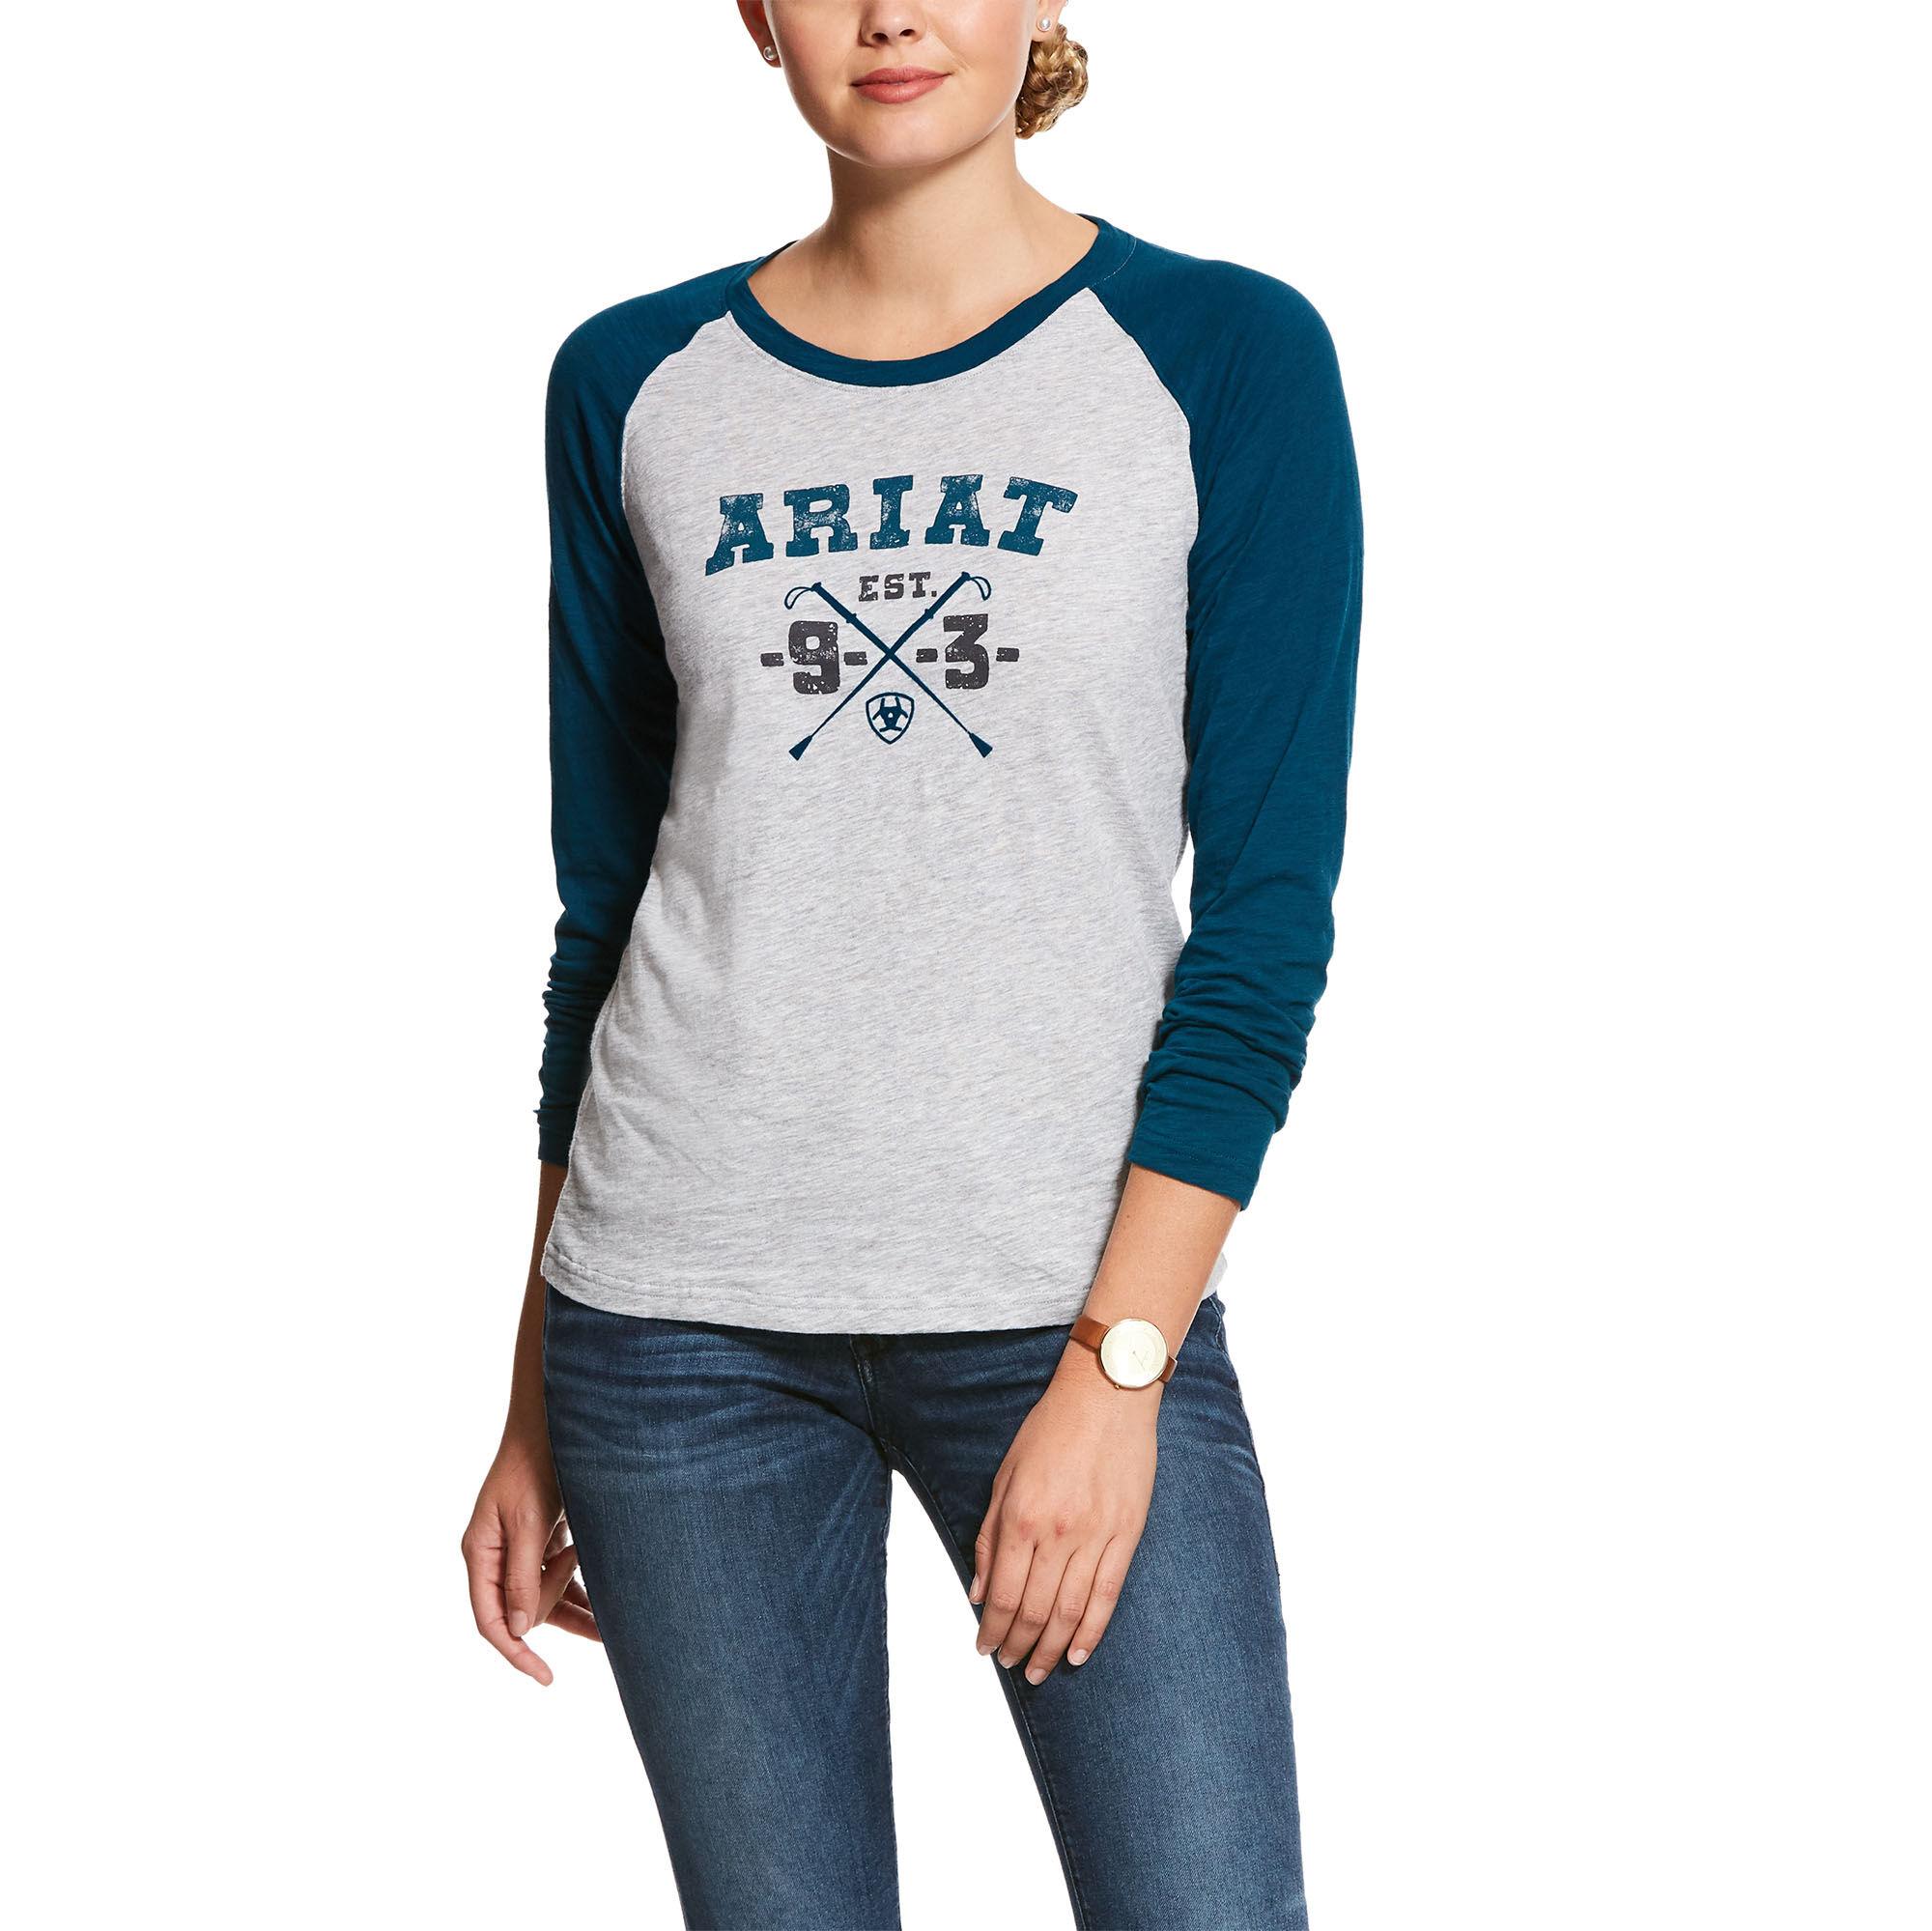 Ariat Girls Logo Tee